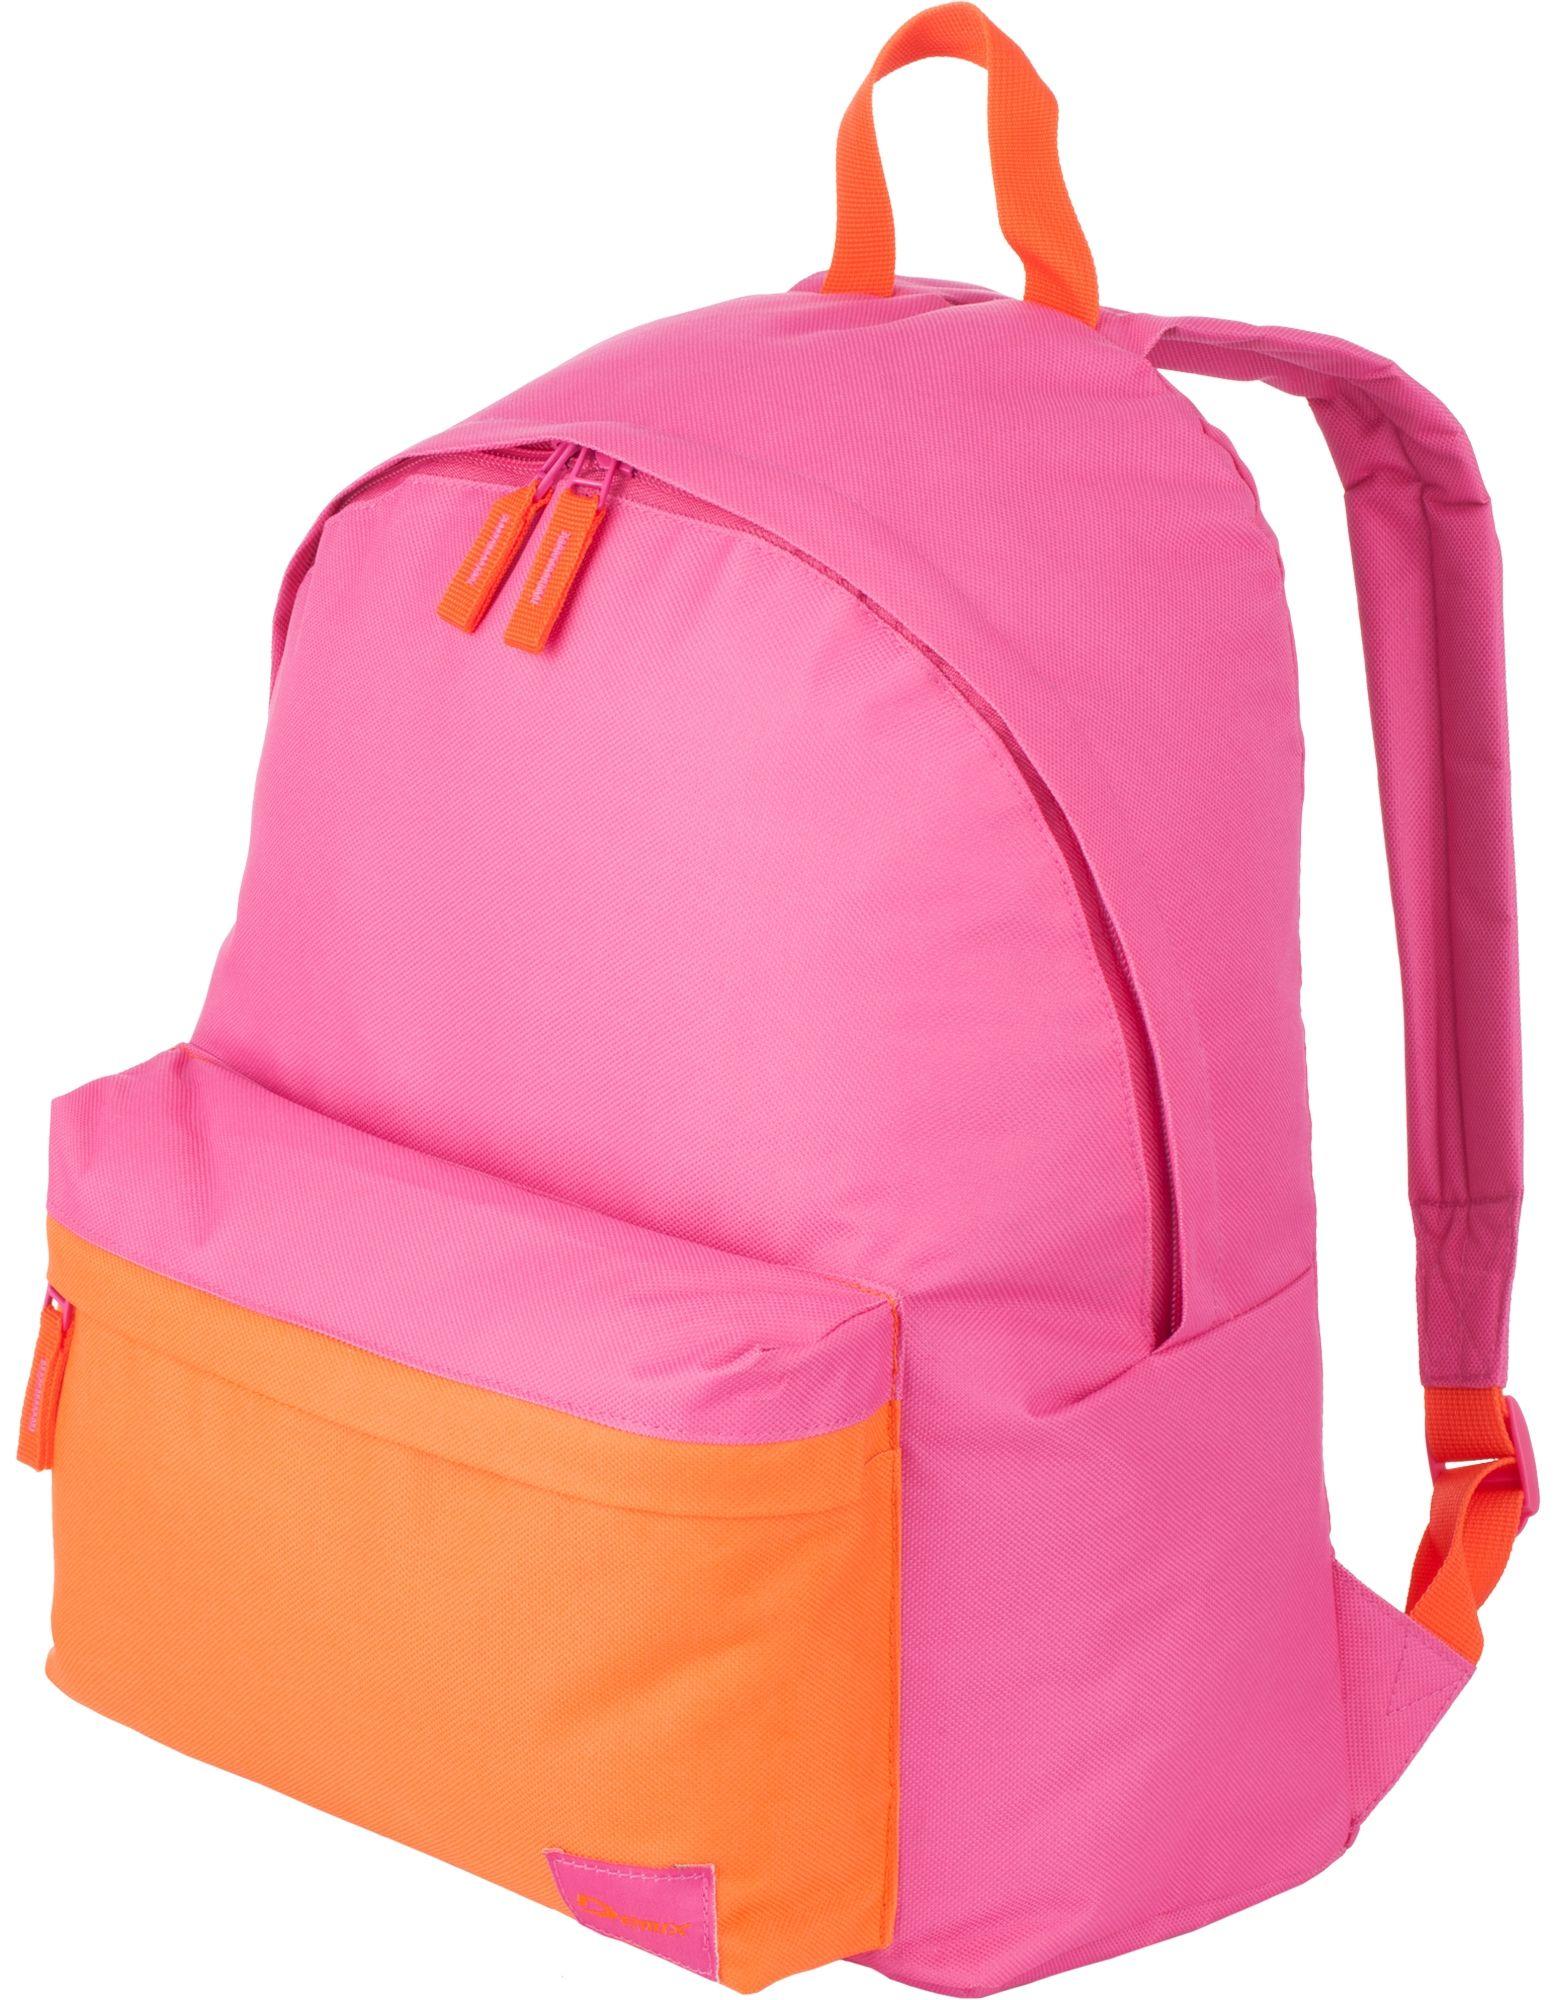 Рюкзаки демикс фото и цены рюкзаки ноутбука в сумах